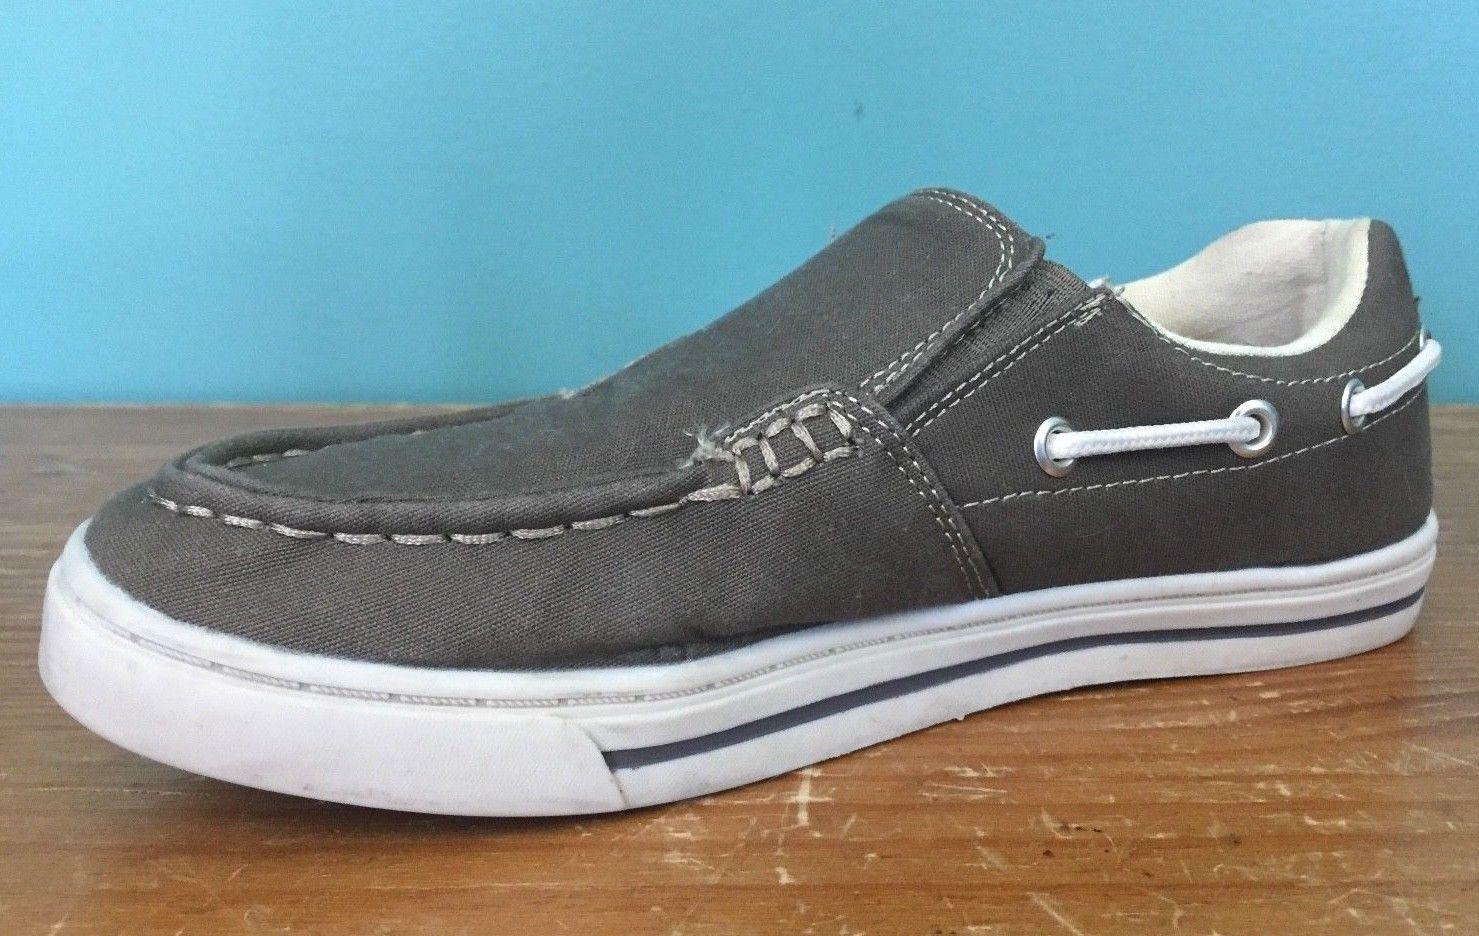 Dexter Comfort Men's Canvas Donovan Shoes - Size 6 W - Brown, Boat Shoes, EUC